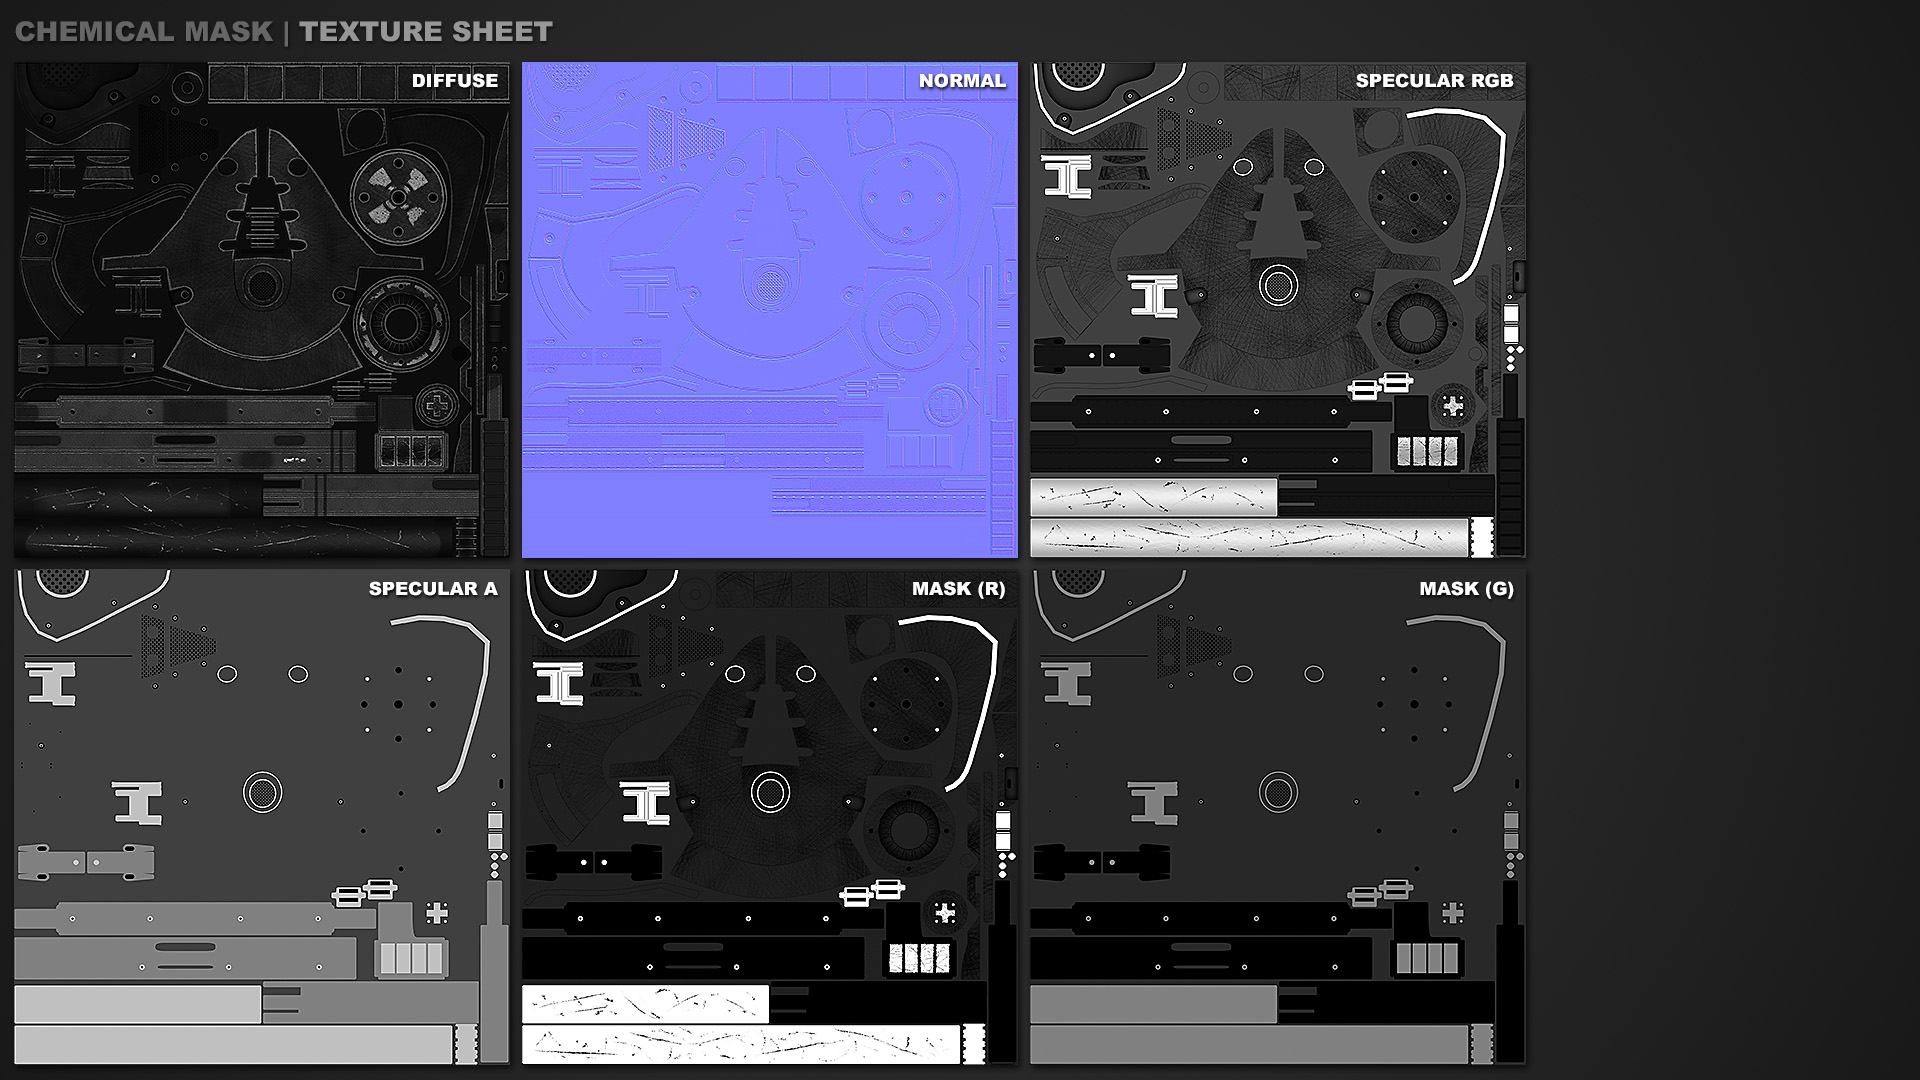 Texture-Sheet.jpg